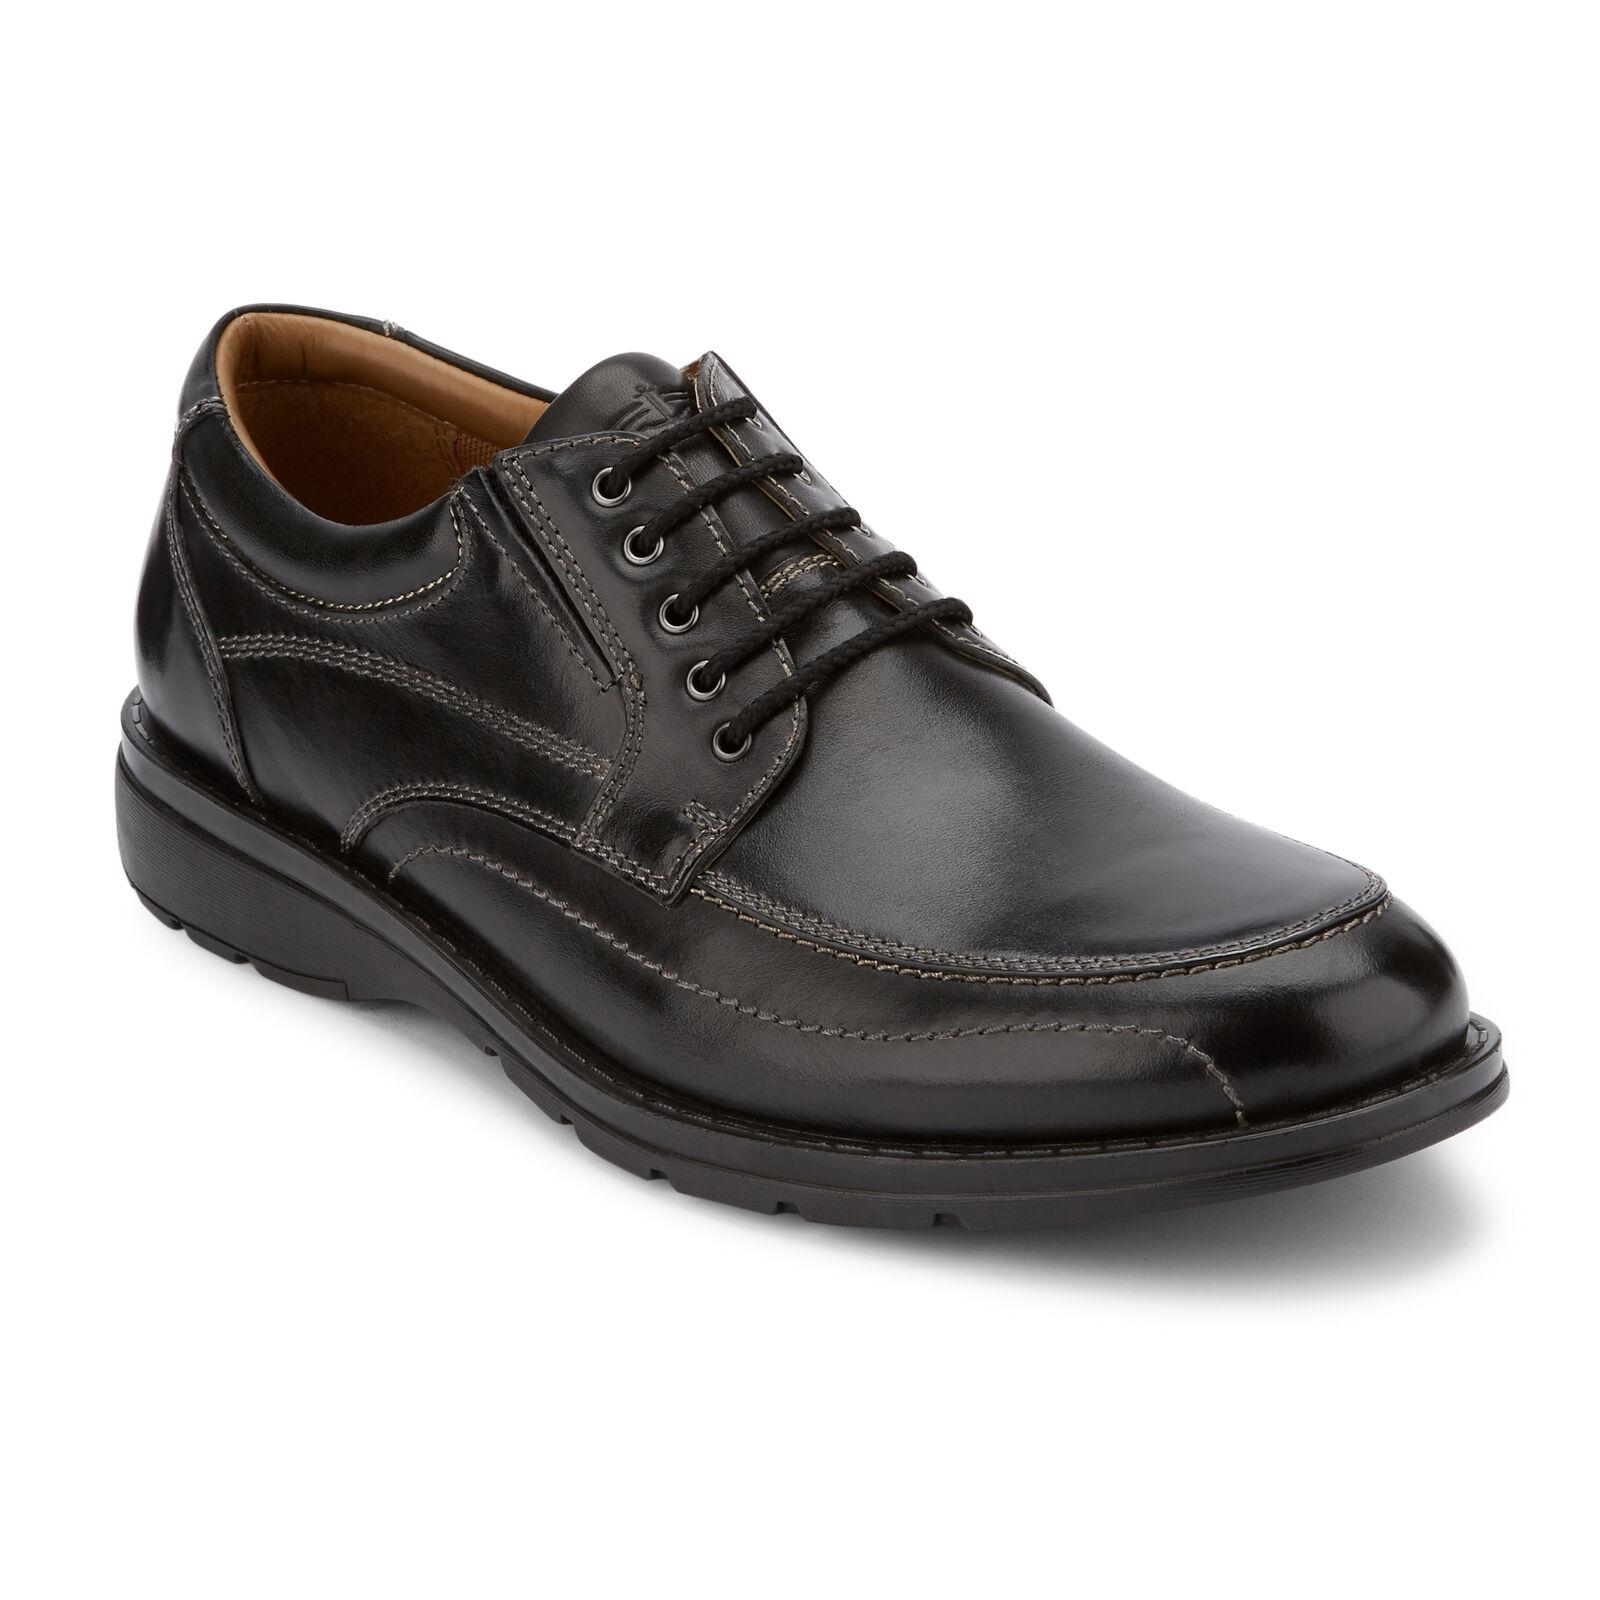 Dockers – Barker – Robe en cuir véritable pour hommes – Chaussures Oxford confortables à lacets